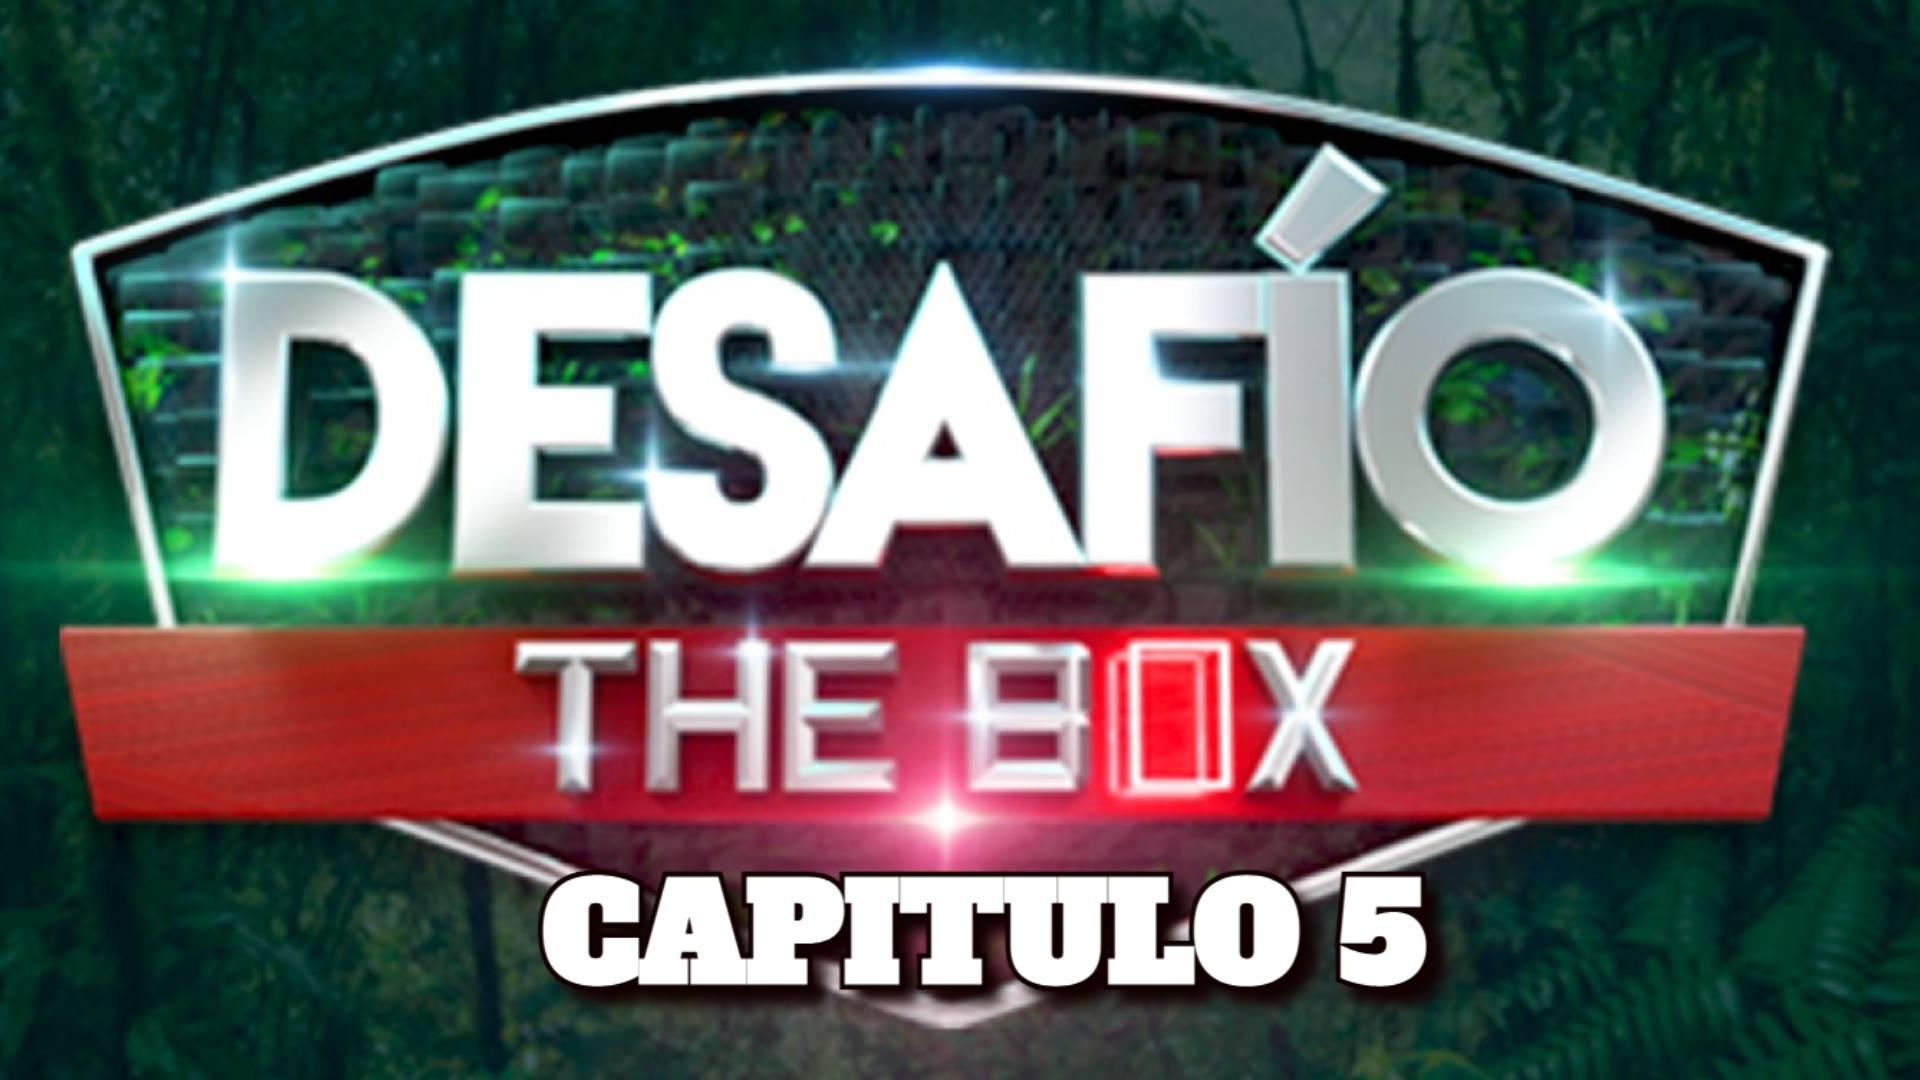 EN VIVO, Desafio The Box 2021 CAPITULO 5; MIRAR AQUI EN VIVO desafio the box en vivo hoy